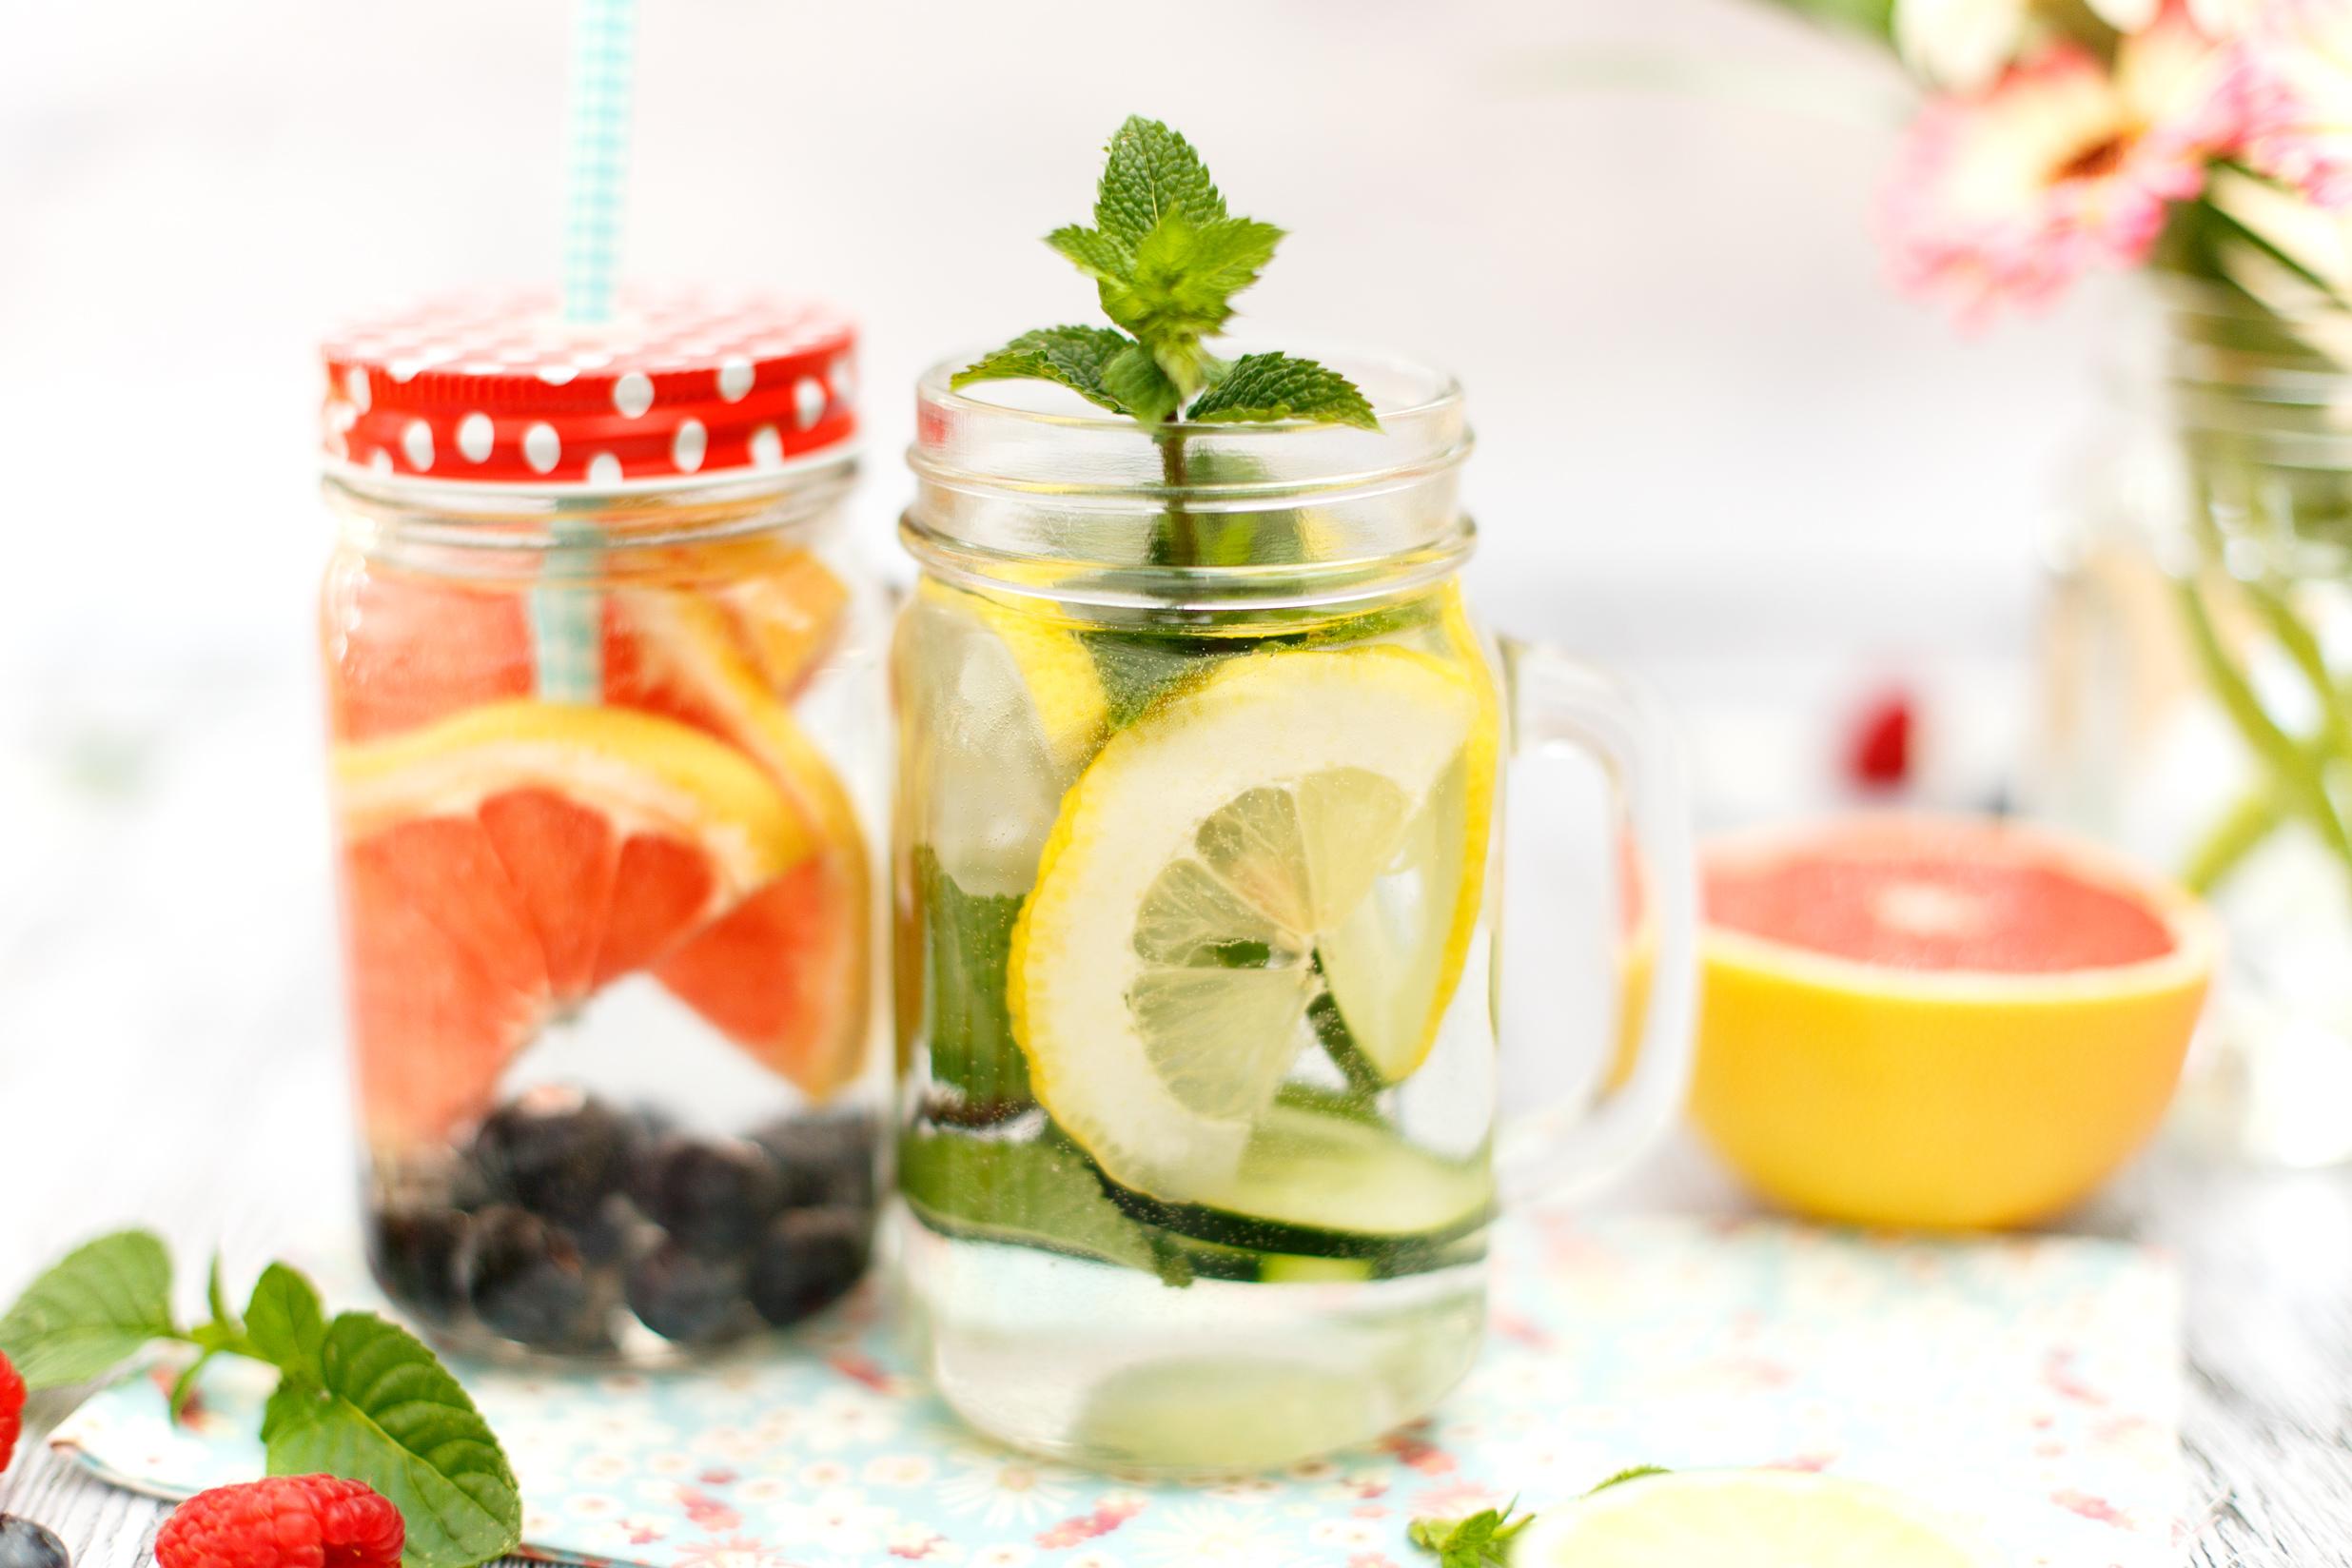 Acqua aromatizzata alla frutta fresca